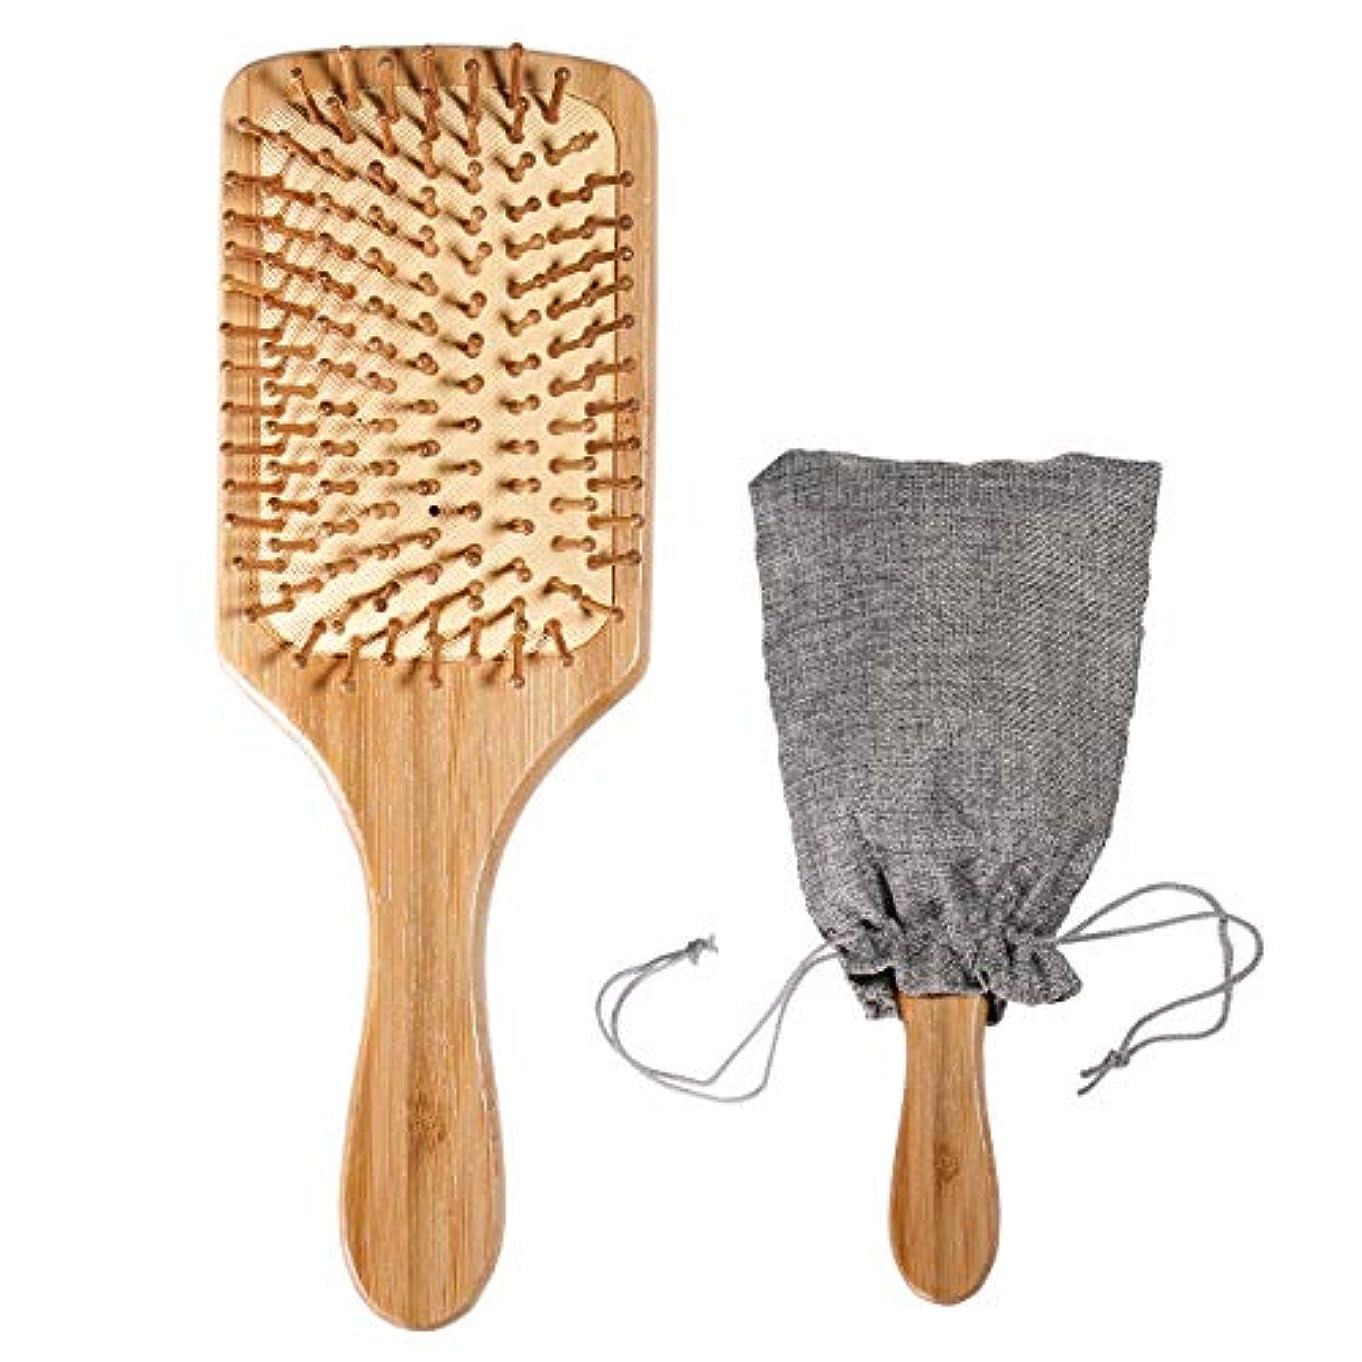 大胆不敵ブッシュデマンド木製 竹ヘアブラシ(頭皮マッサージ 美髪ケア)ブラシクリーナー&巾着 付き